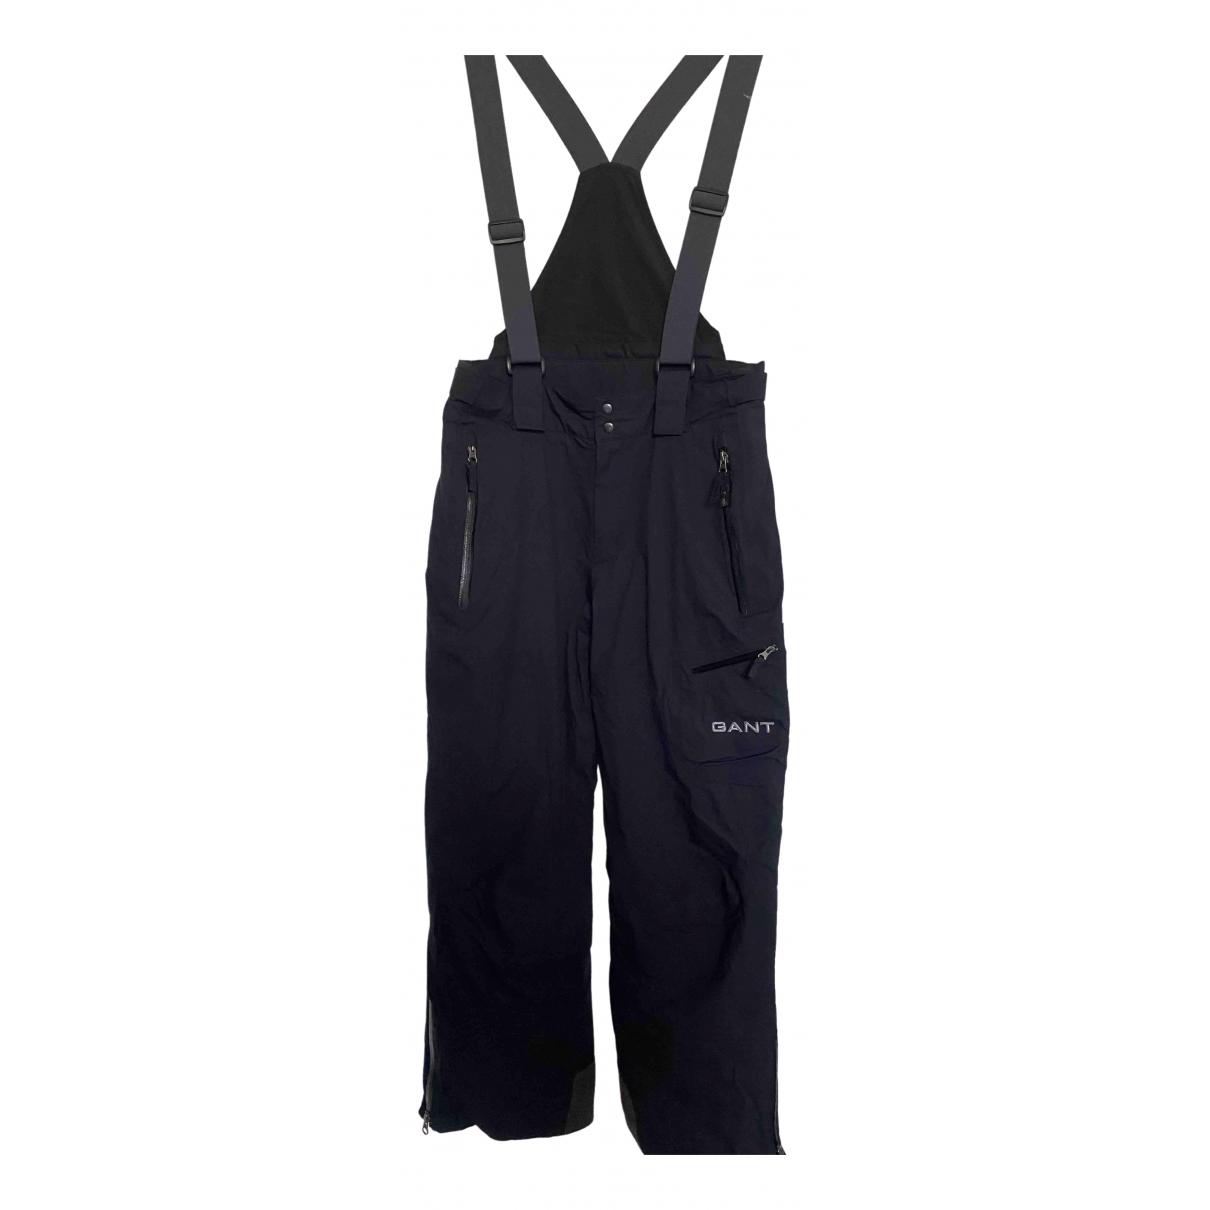 Gant \N Black Trousers for Men M International